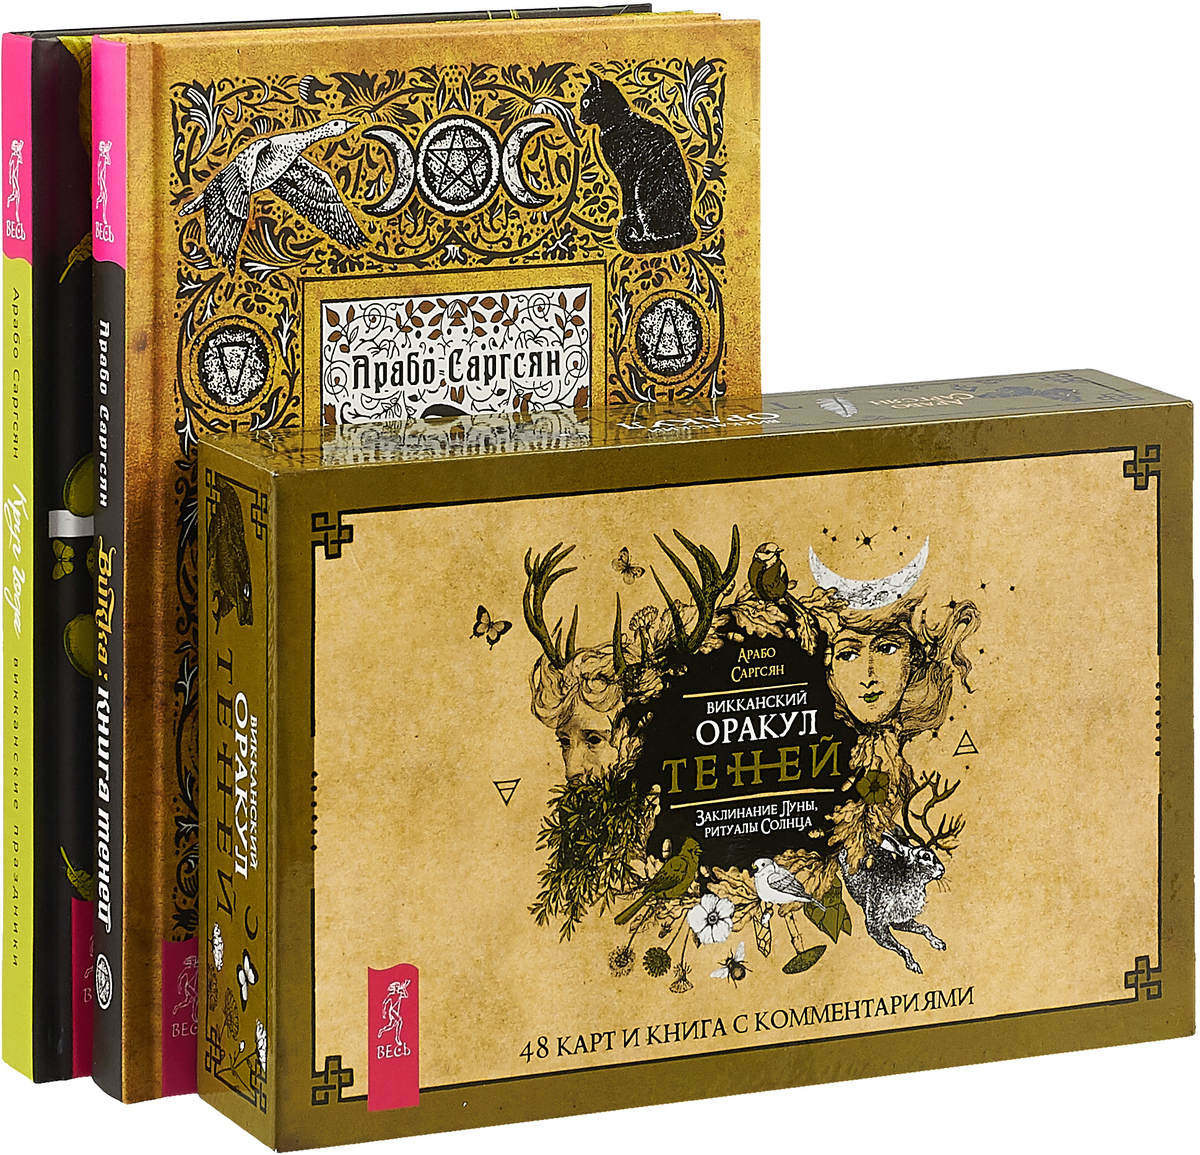 Арабо Саргсян Викканский Оракул Теней. Викка. Круг года (комплект: 3 книги + колода из 48 карт) sitemap 239 xml